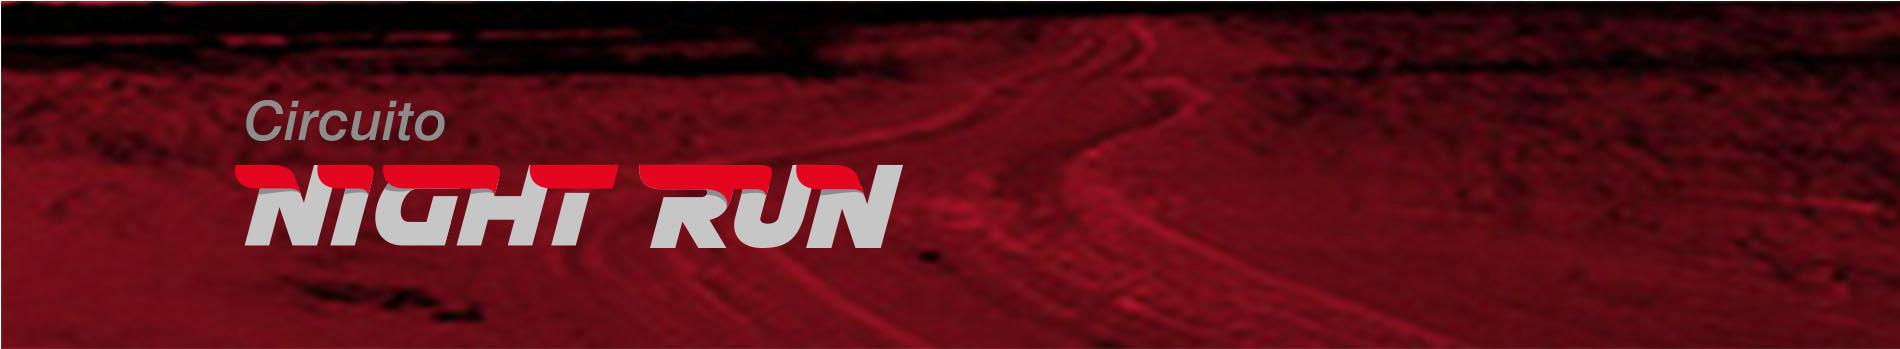 CIRCUITO NIGHT RUN - ETAPA SANTOS - Imagem de topo